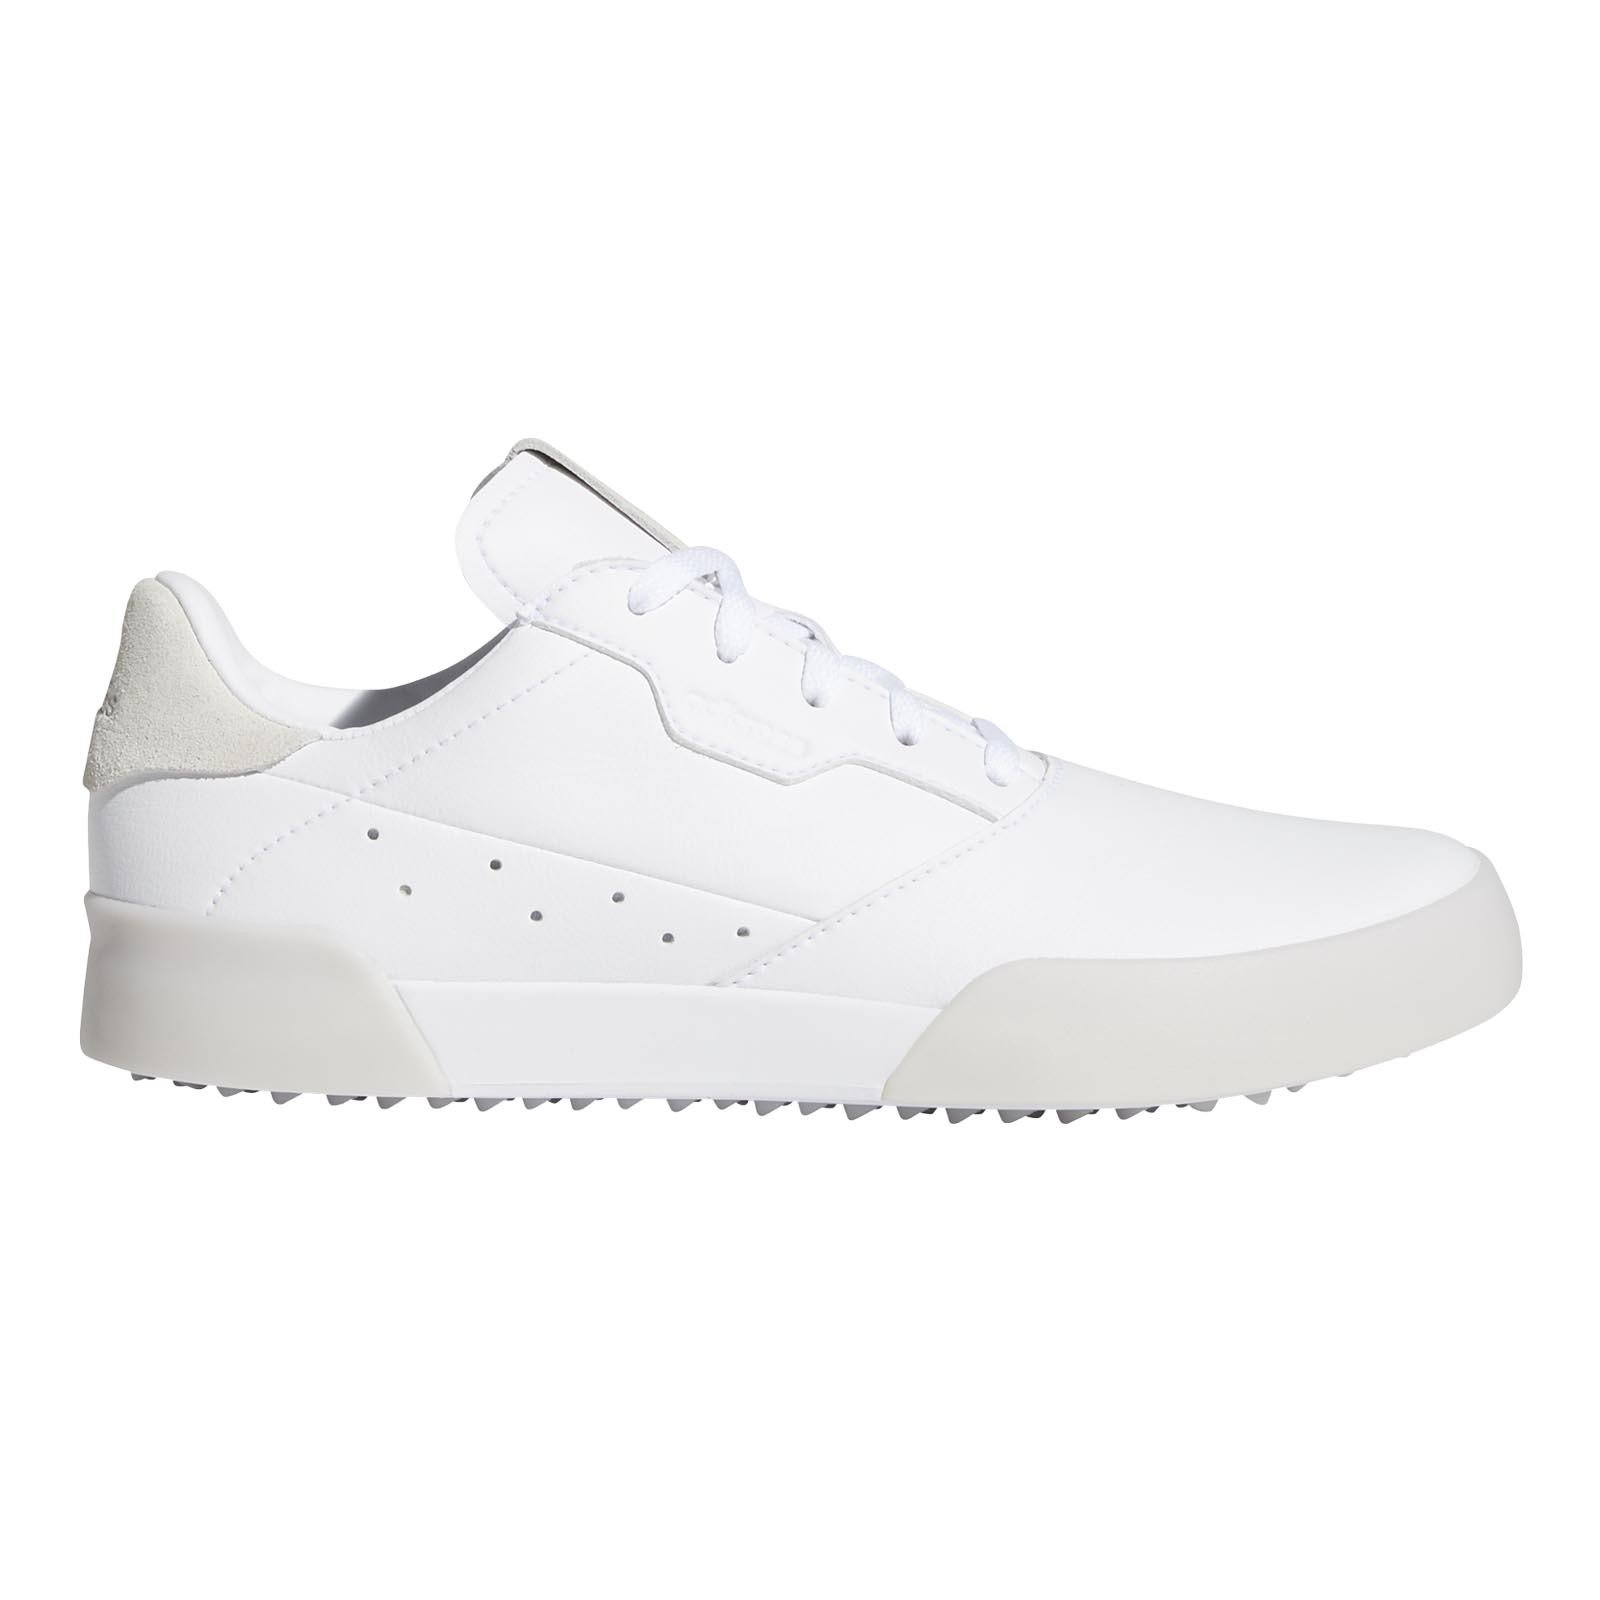 adidas Junior Adicross Retro Golf Shoes